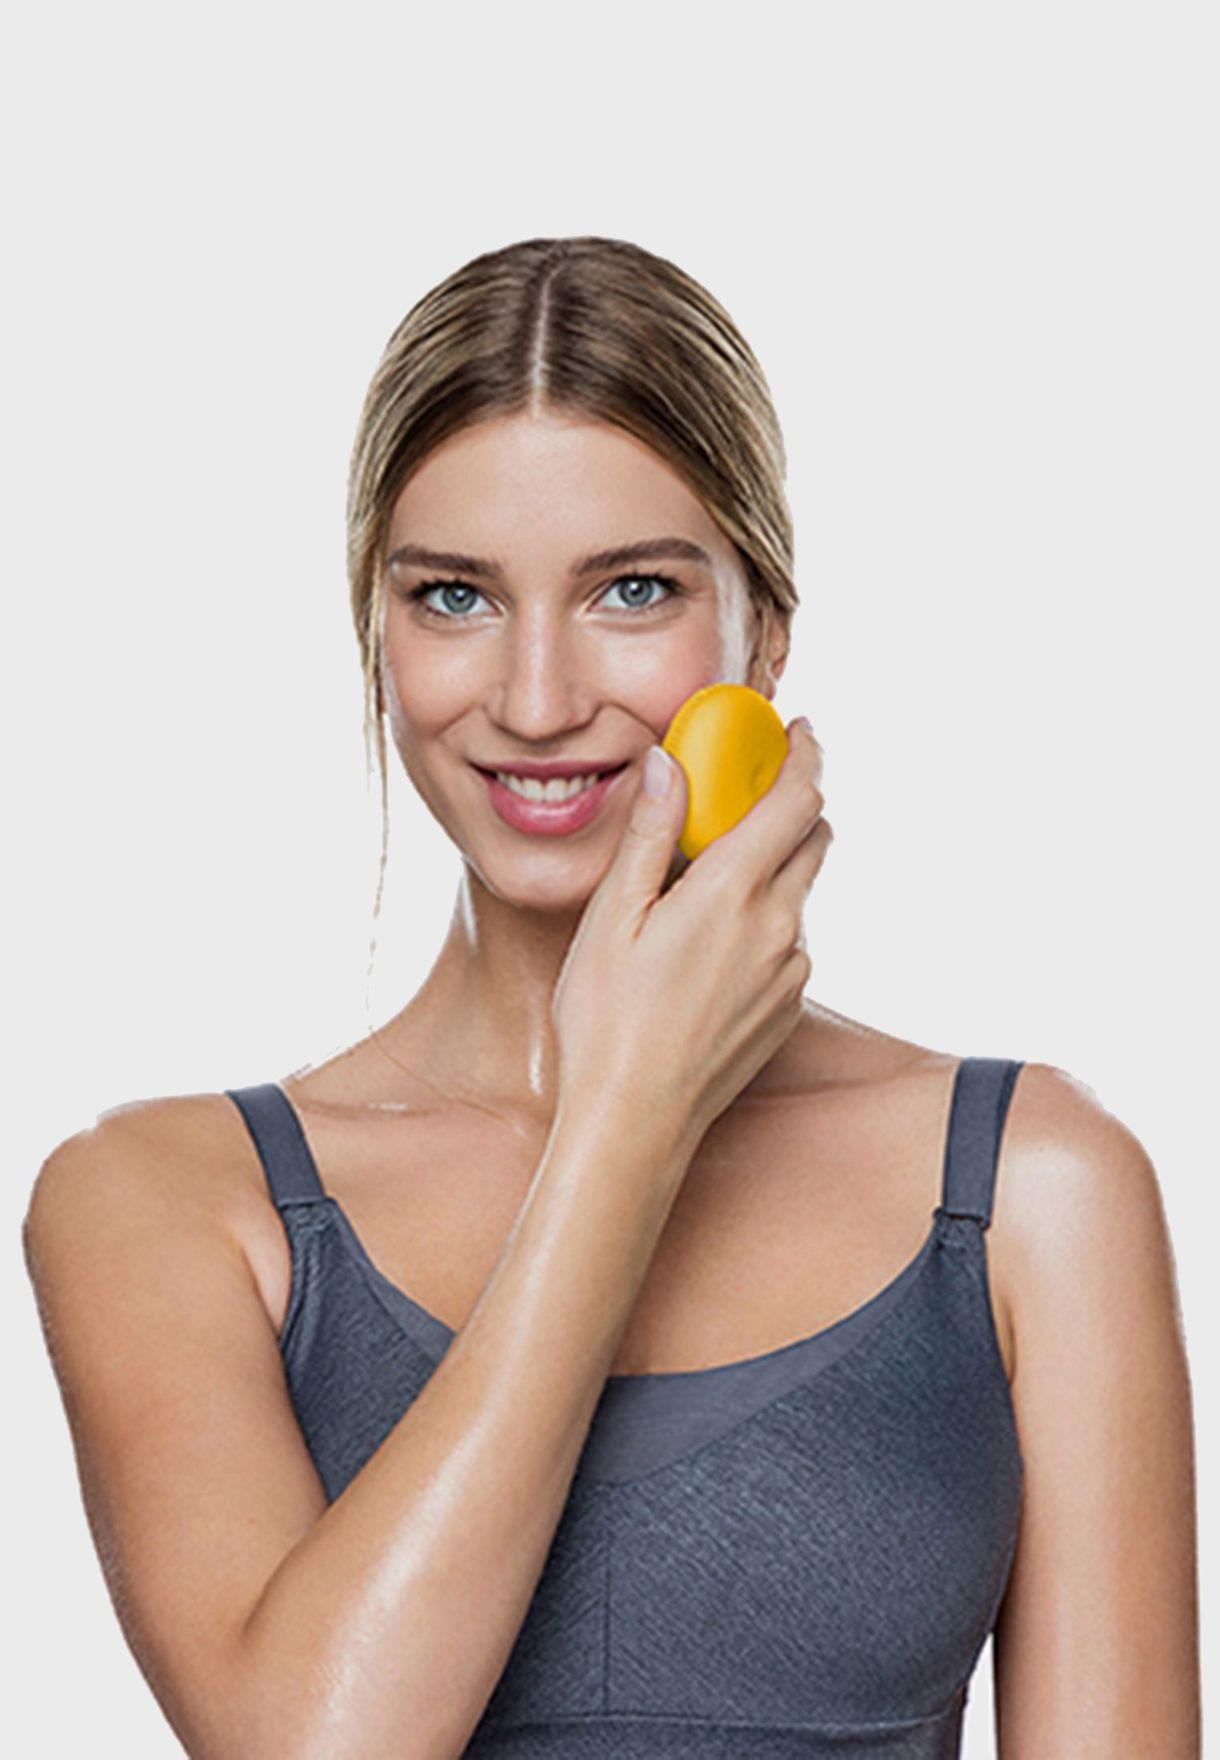 فرشاة لونا بلاي بلس لتنظيف الوجه - صن فلاور